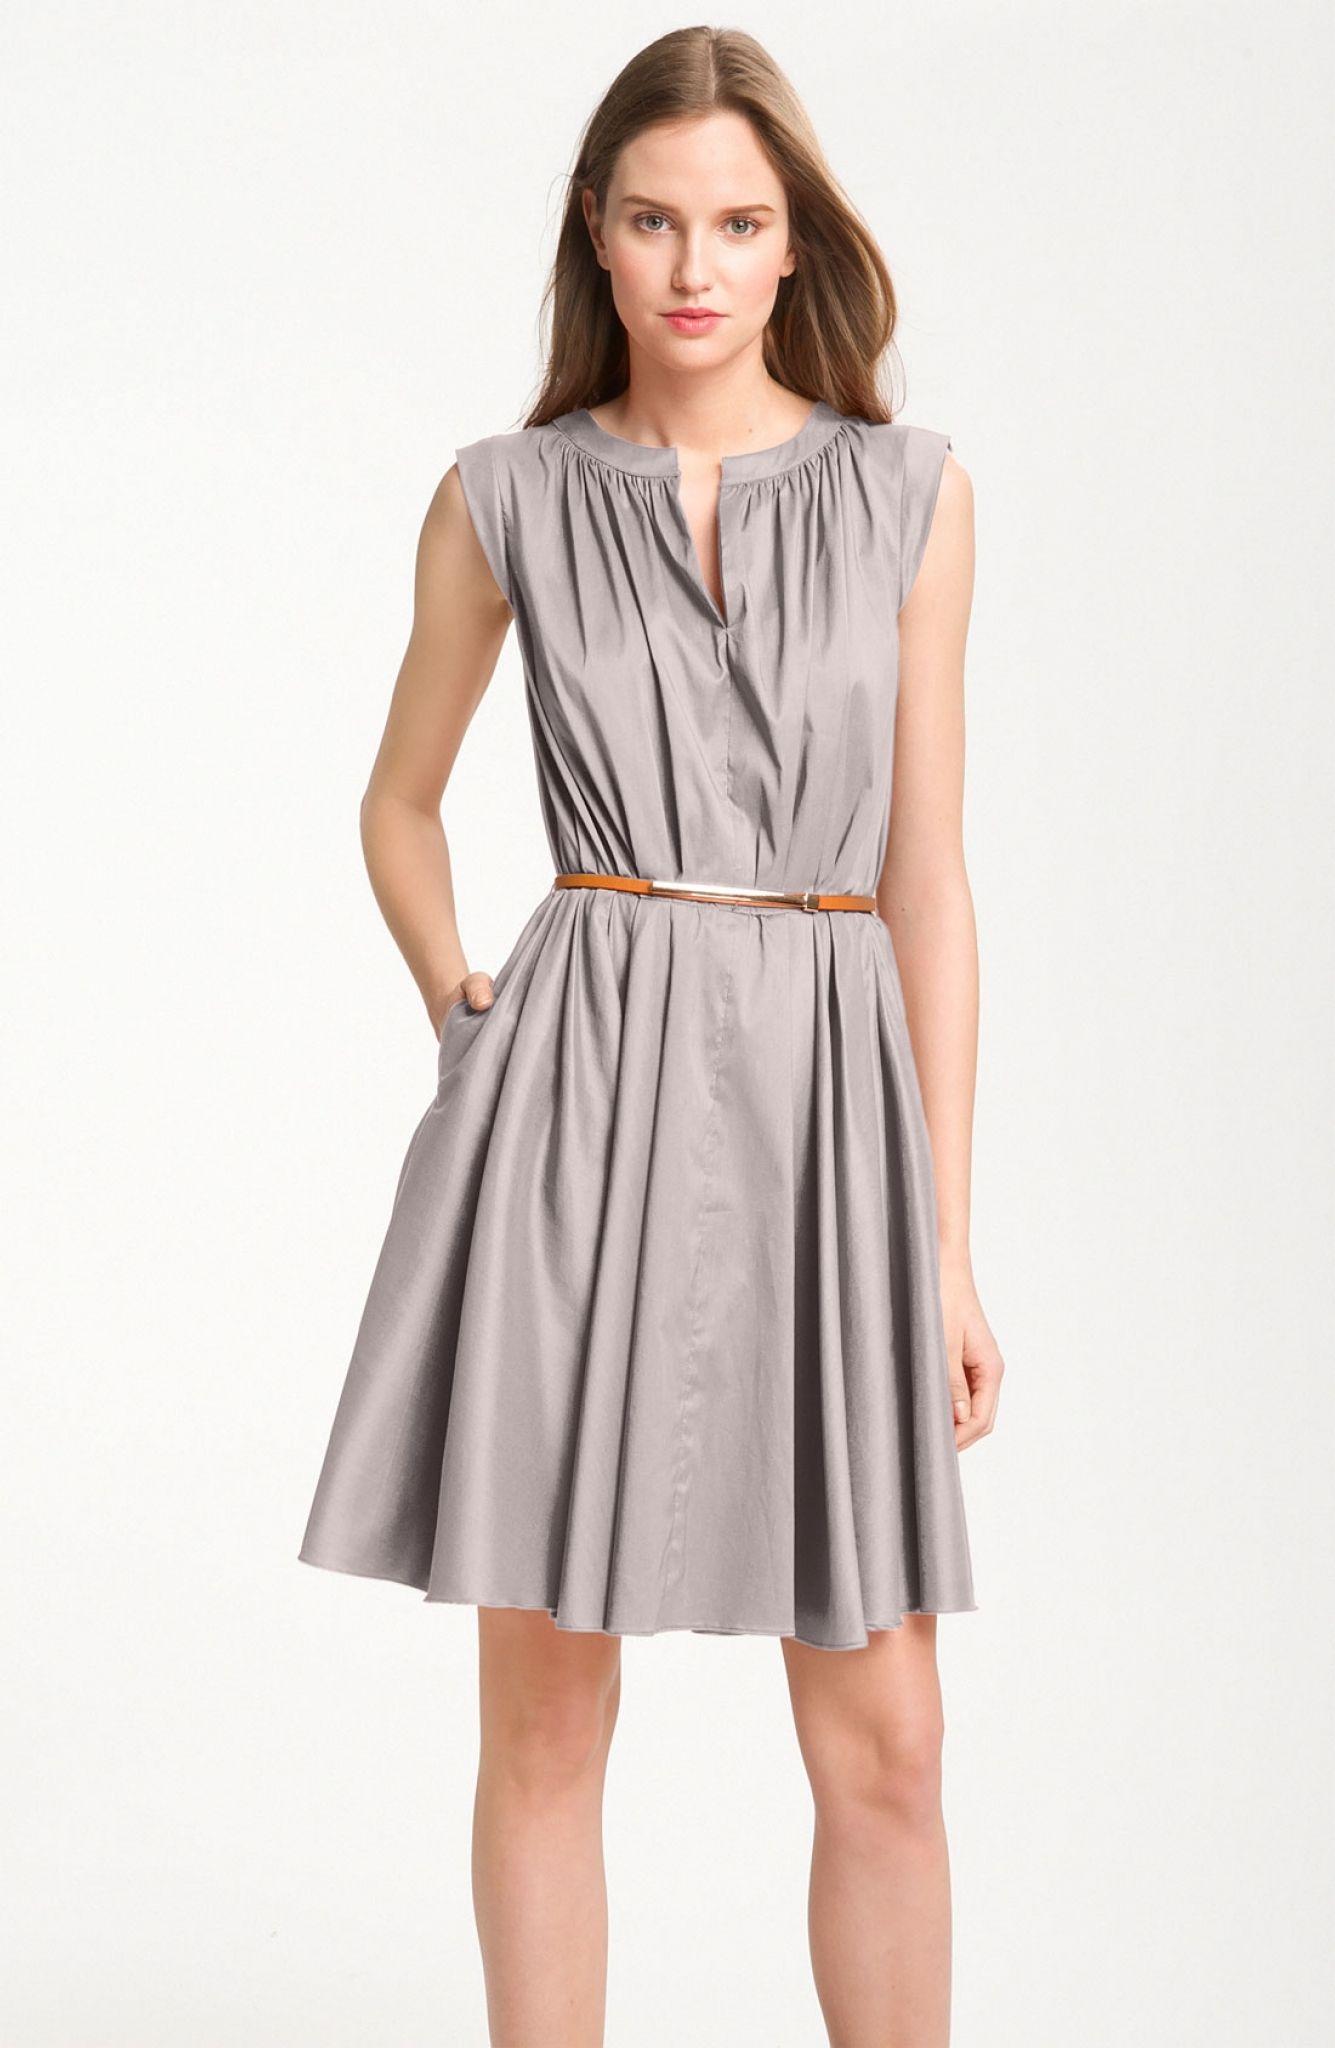 elegant dresses for wedding guests cold shoulder dresses